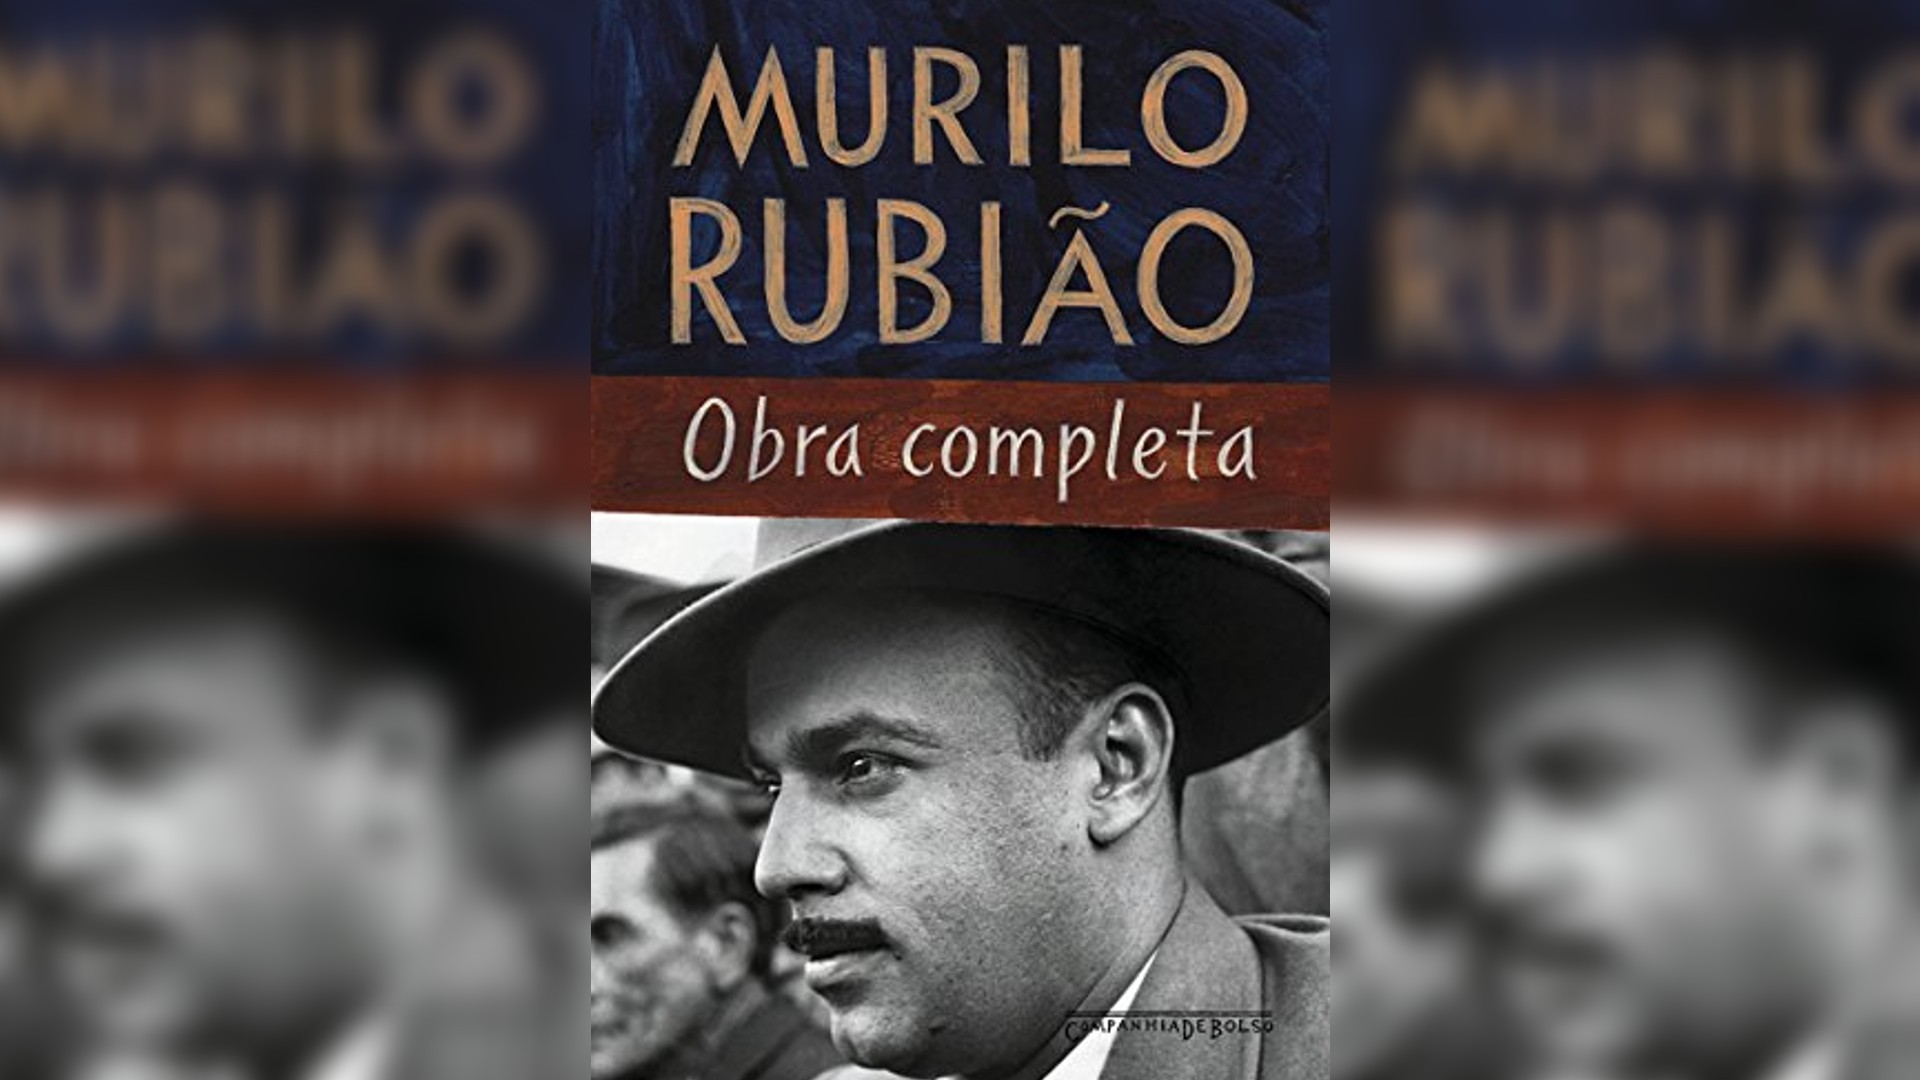 QUIZ: Obra Completa, de Murilo Rubião, é leitura obrigatória para prova do Vestibular de Primavera da UEPG